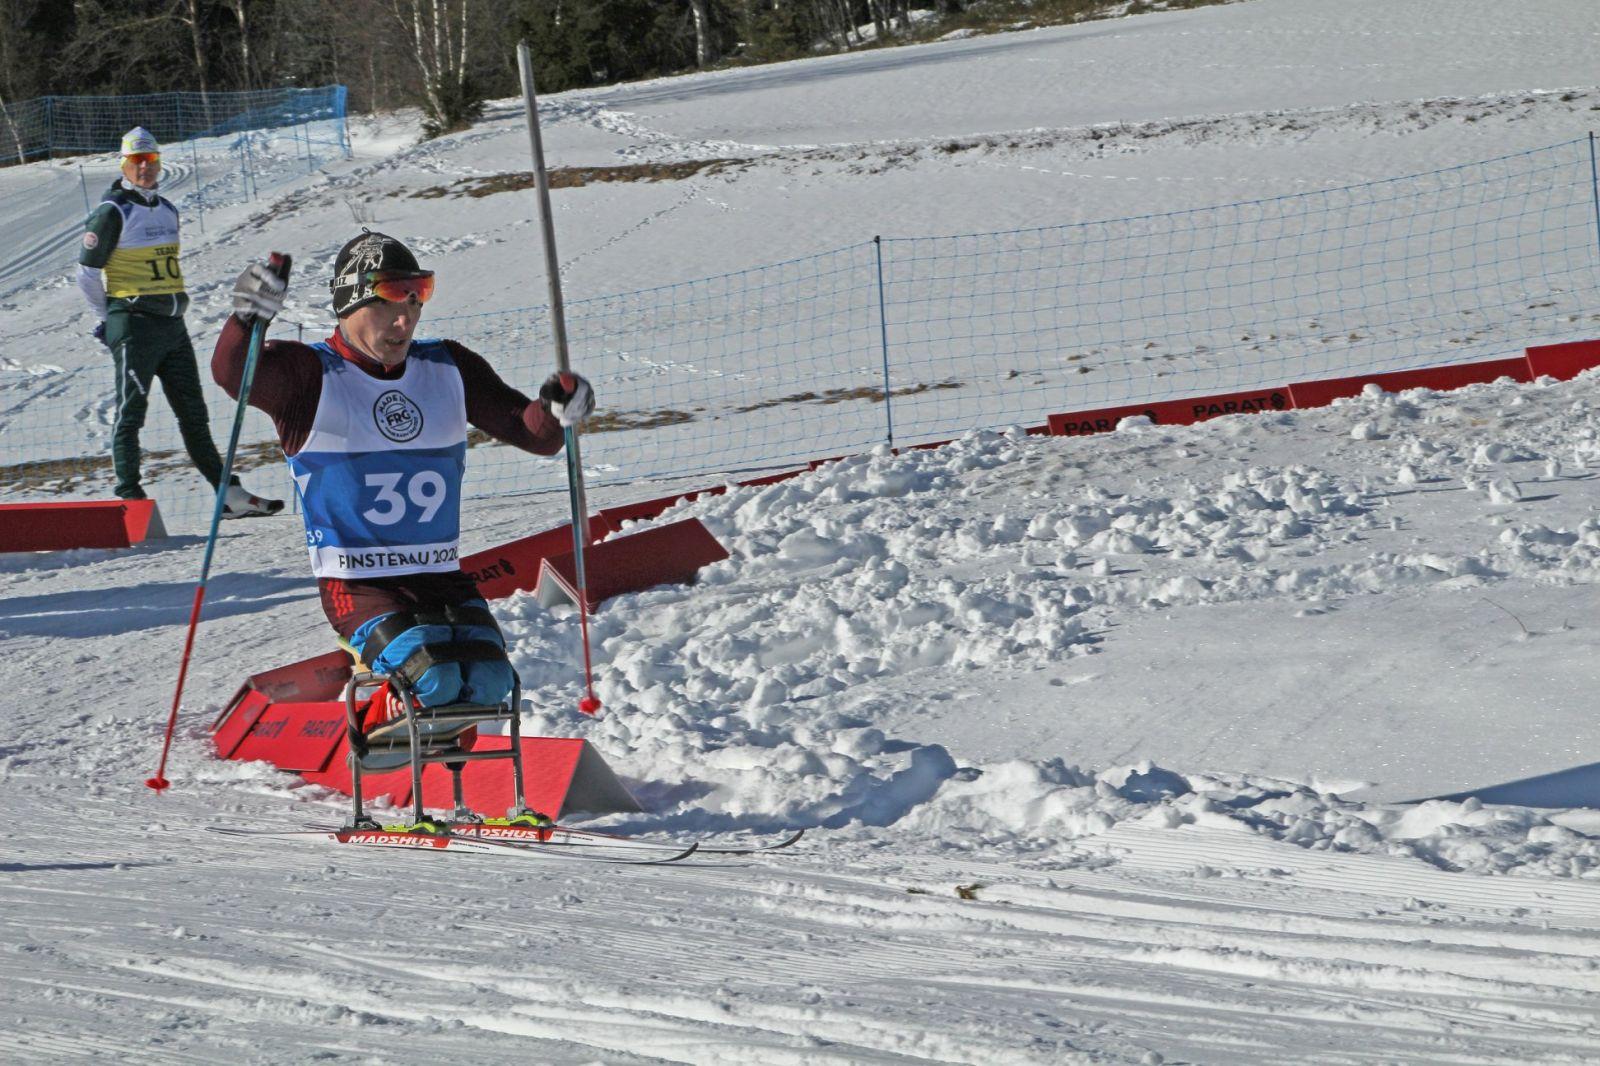 Сборная команда России завоевала 20 золотых, 15 серебряных и 20 бронзовых медалей на 3-м этапе Кубка мира по лыжным гонкам и биатлону МПК в Германии